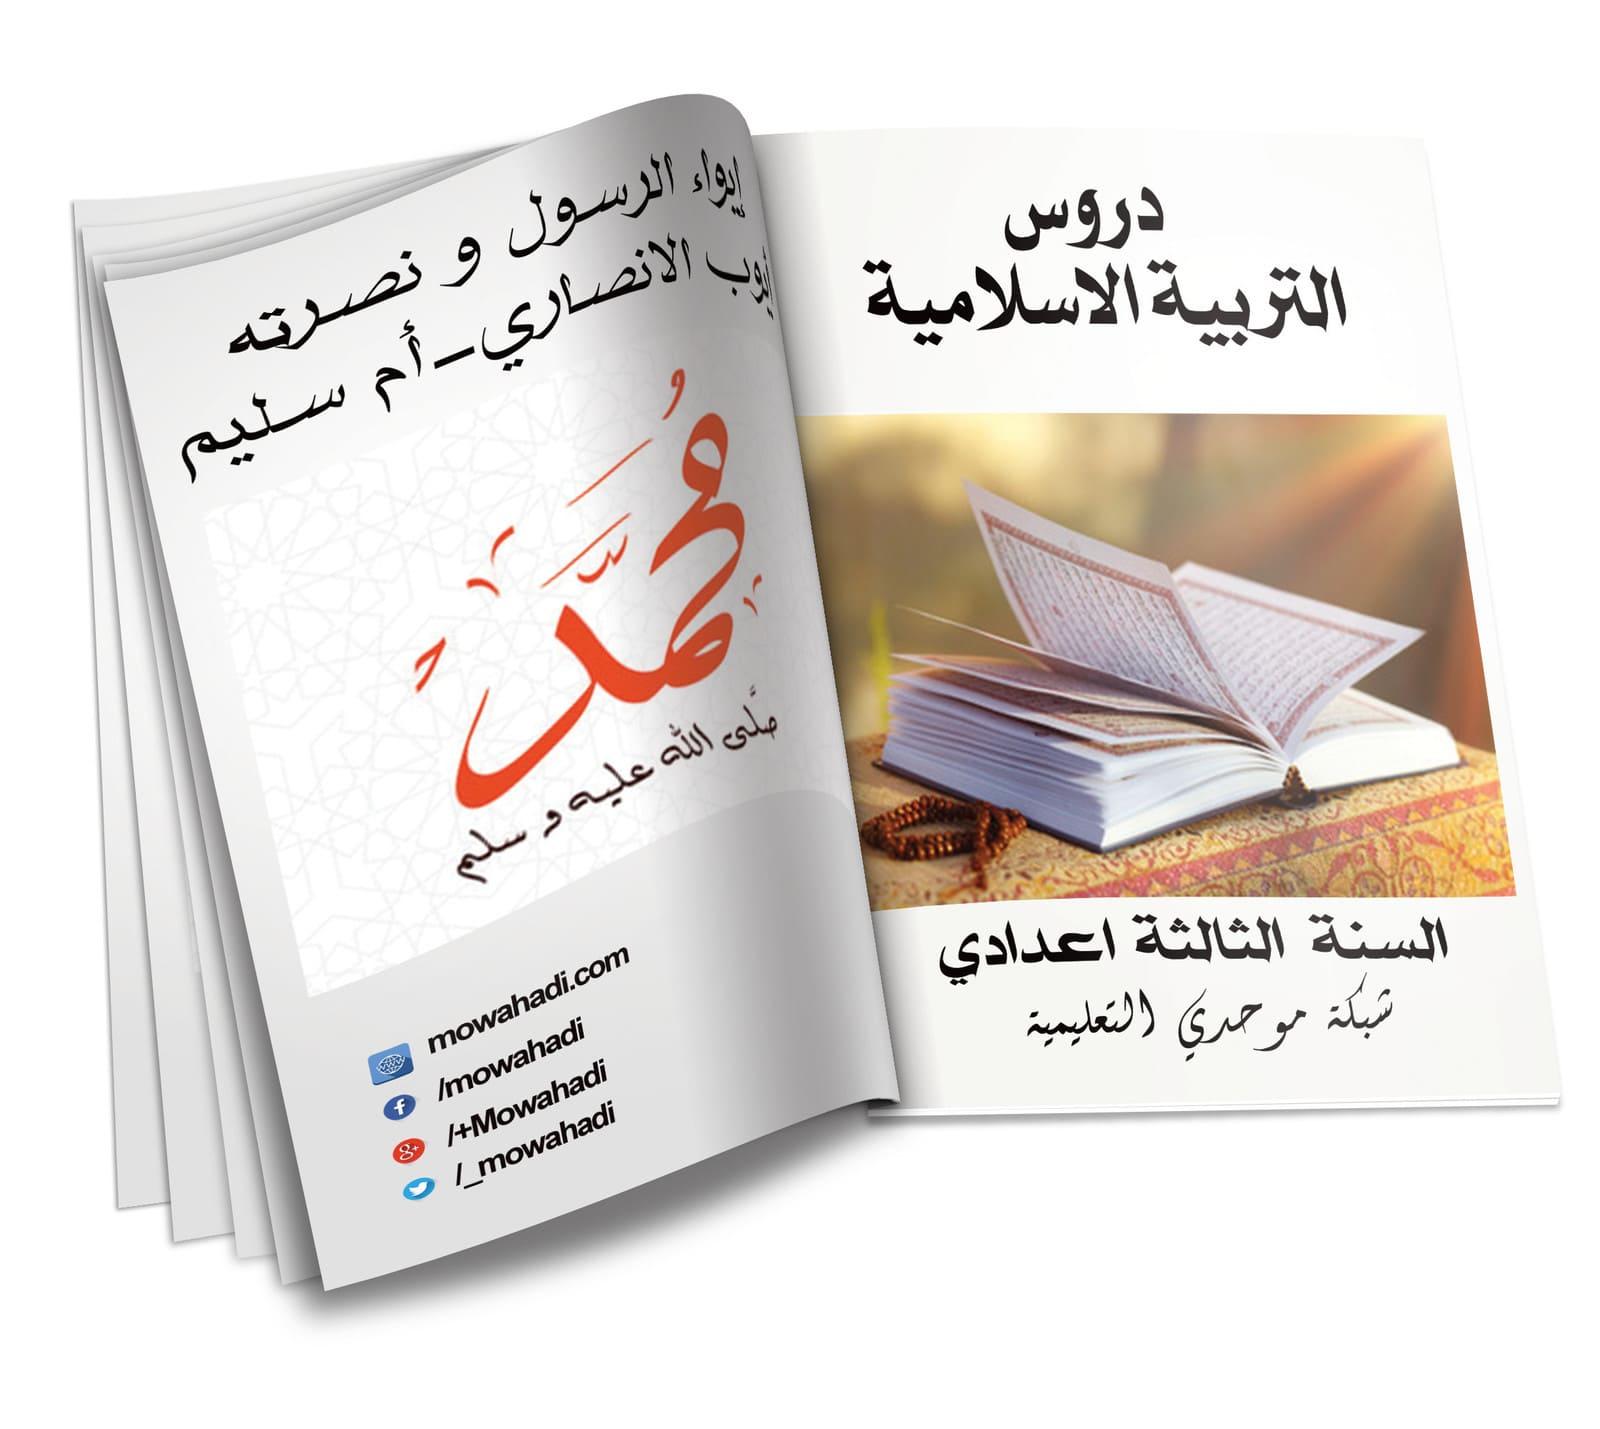 إيواء الرسول صلى الله عليه وسلم ونصرته : أيوب الانصاري - أم سليم